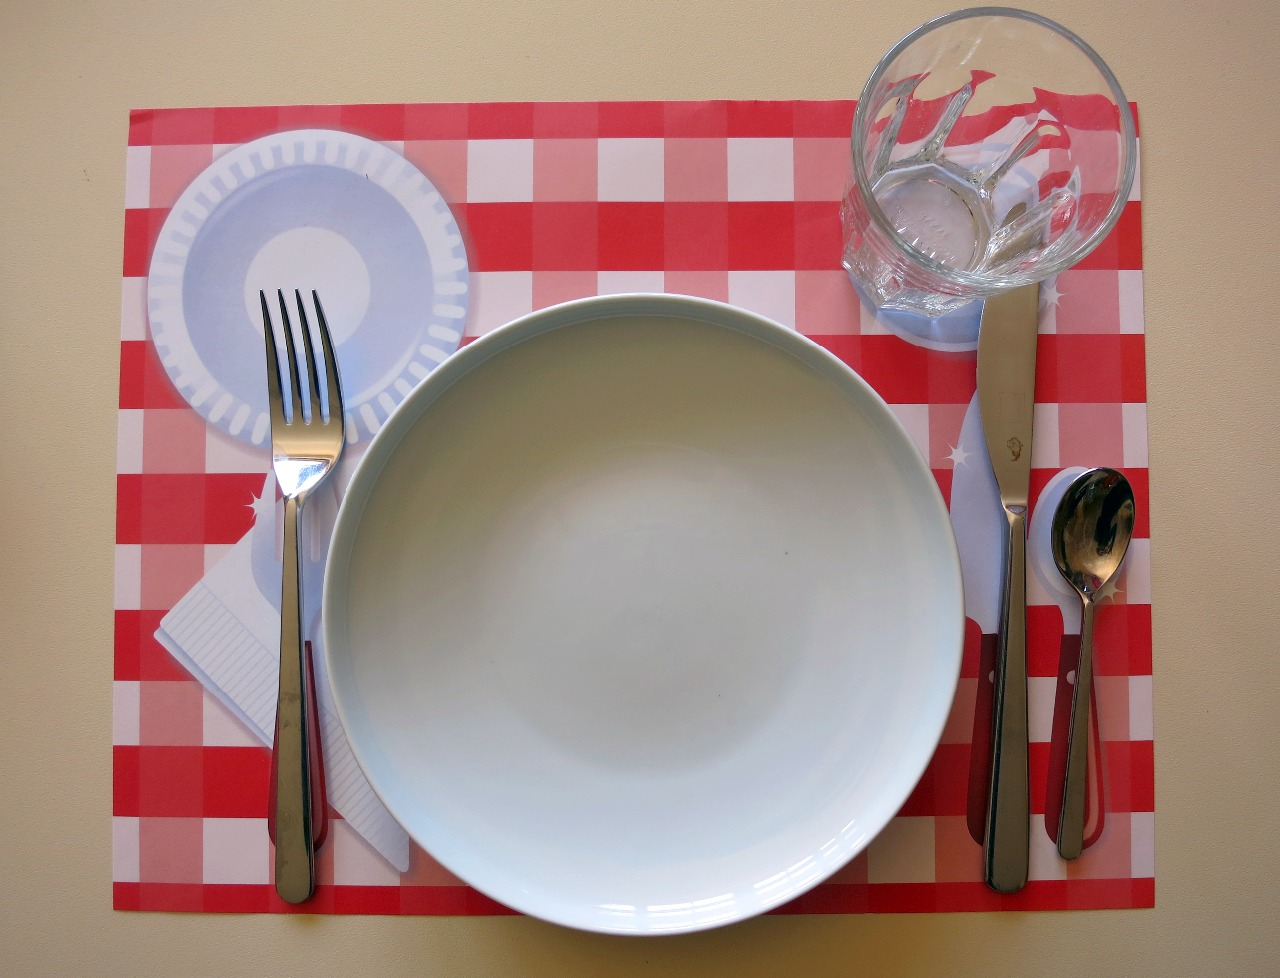 Attività Montessori a casa - Preparare la tavola